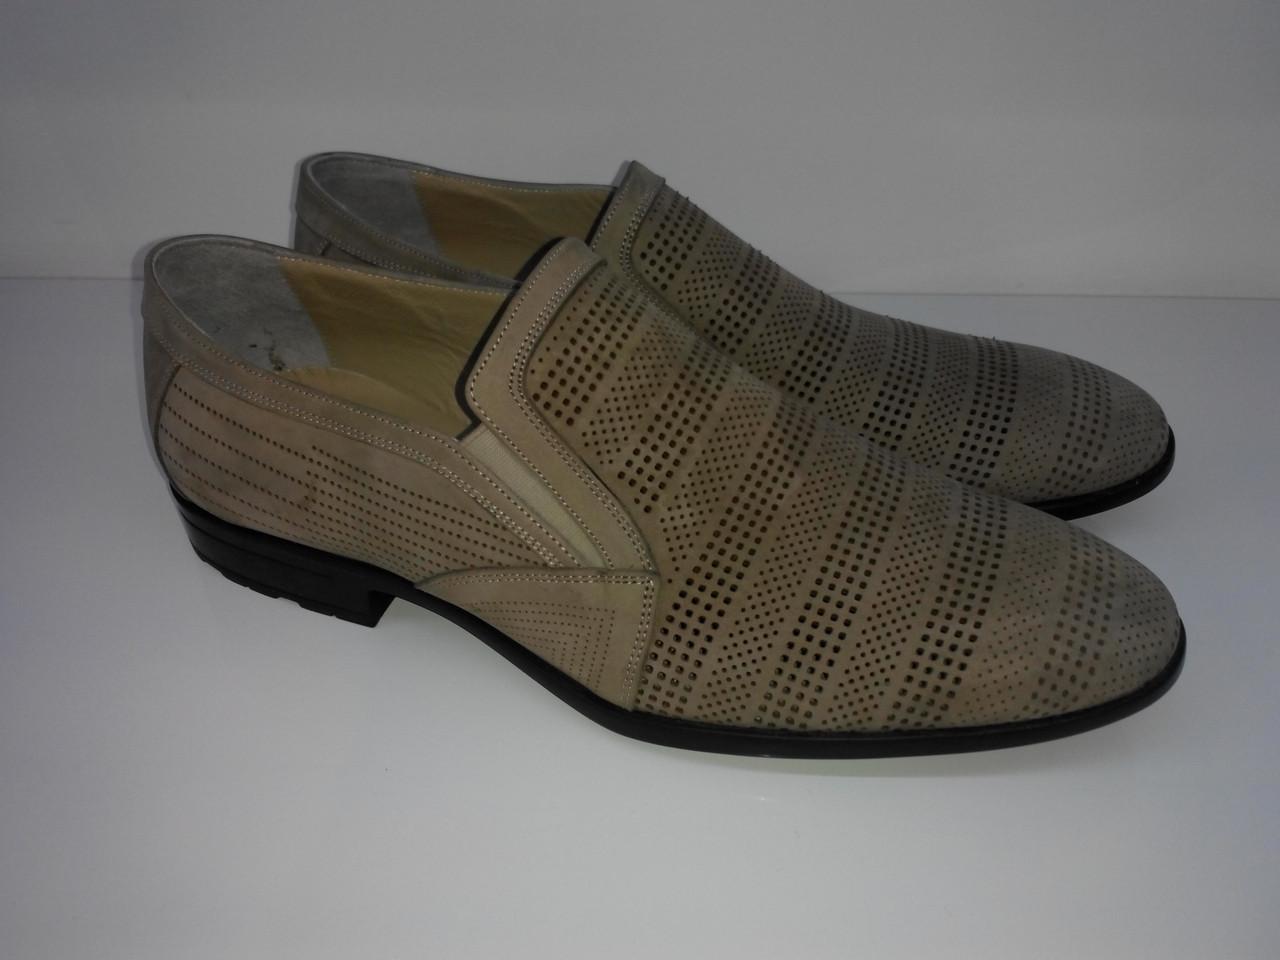 Туфлі Etor 9710-805-755 47 бежеві